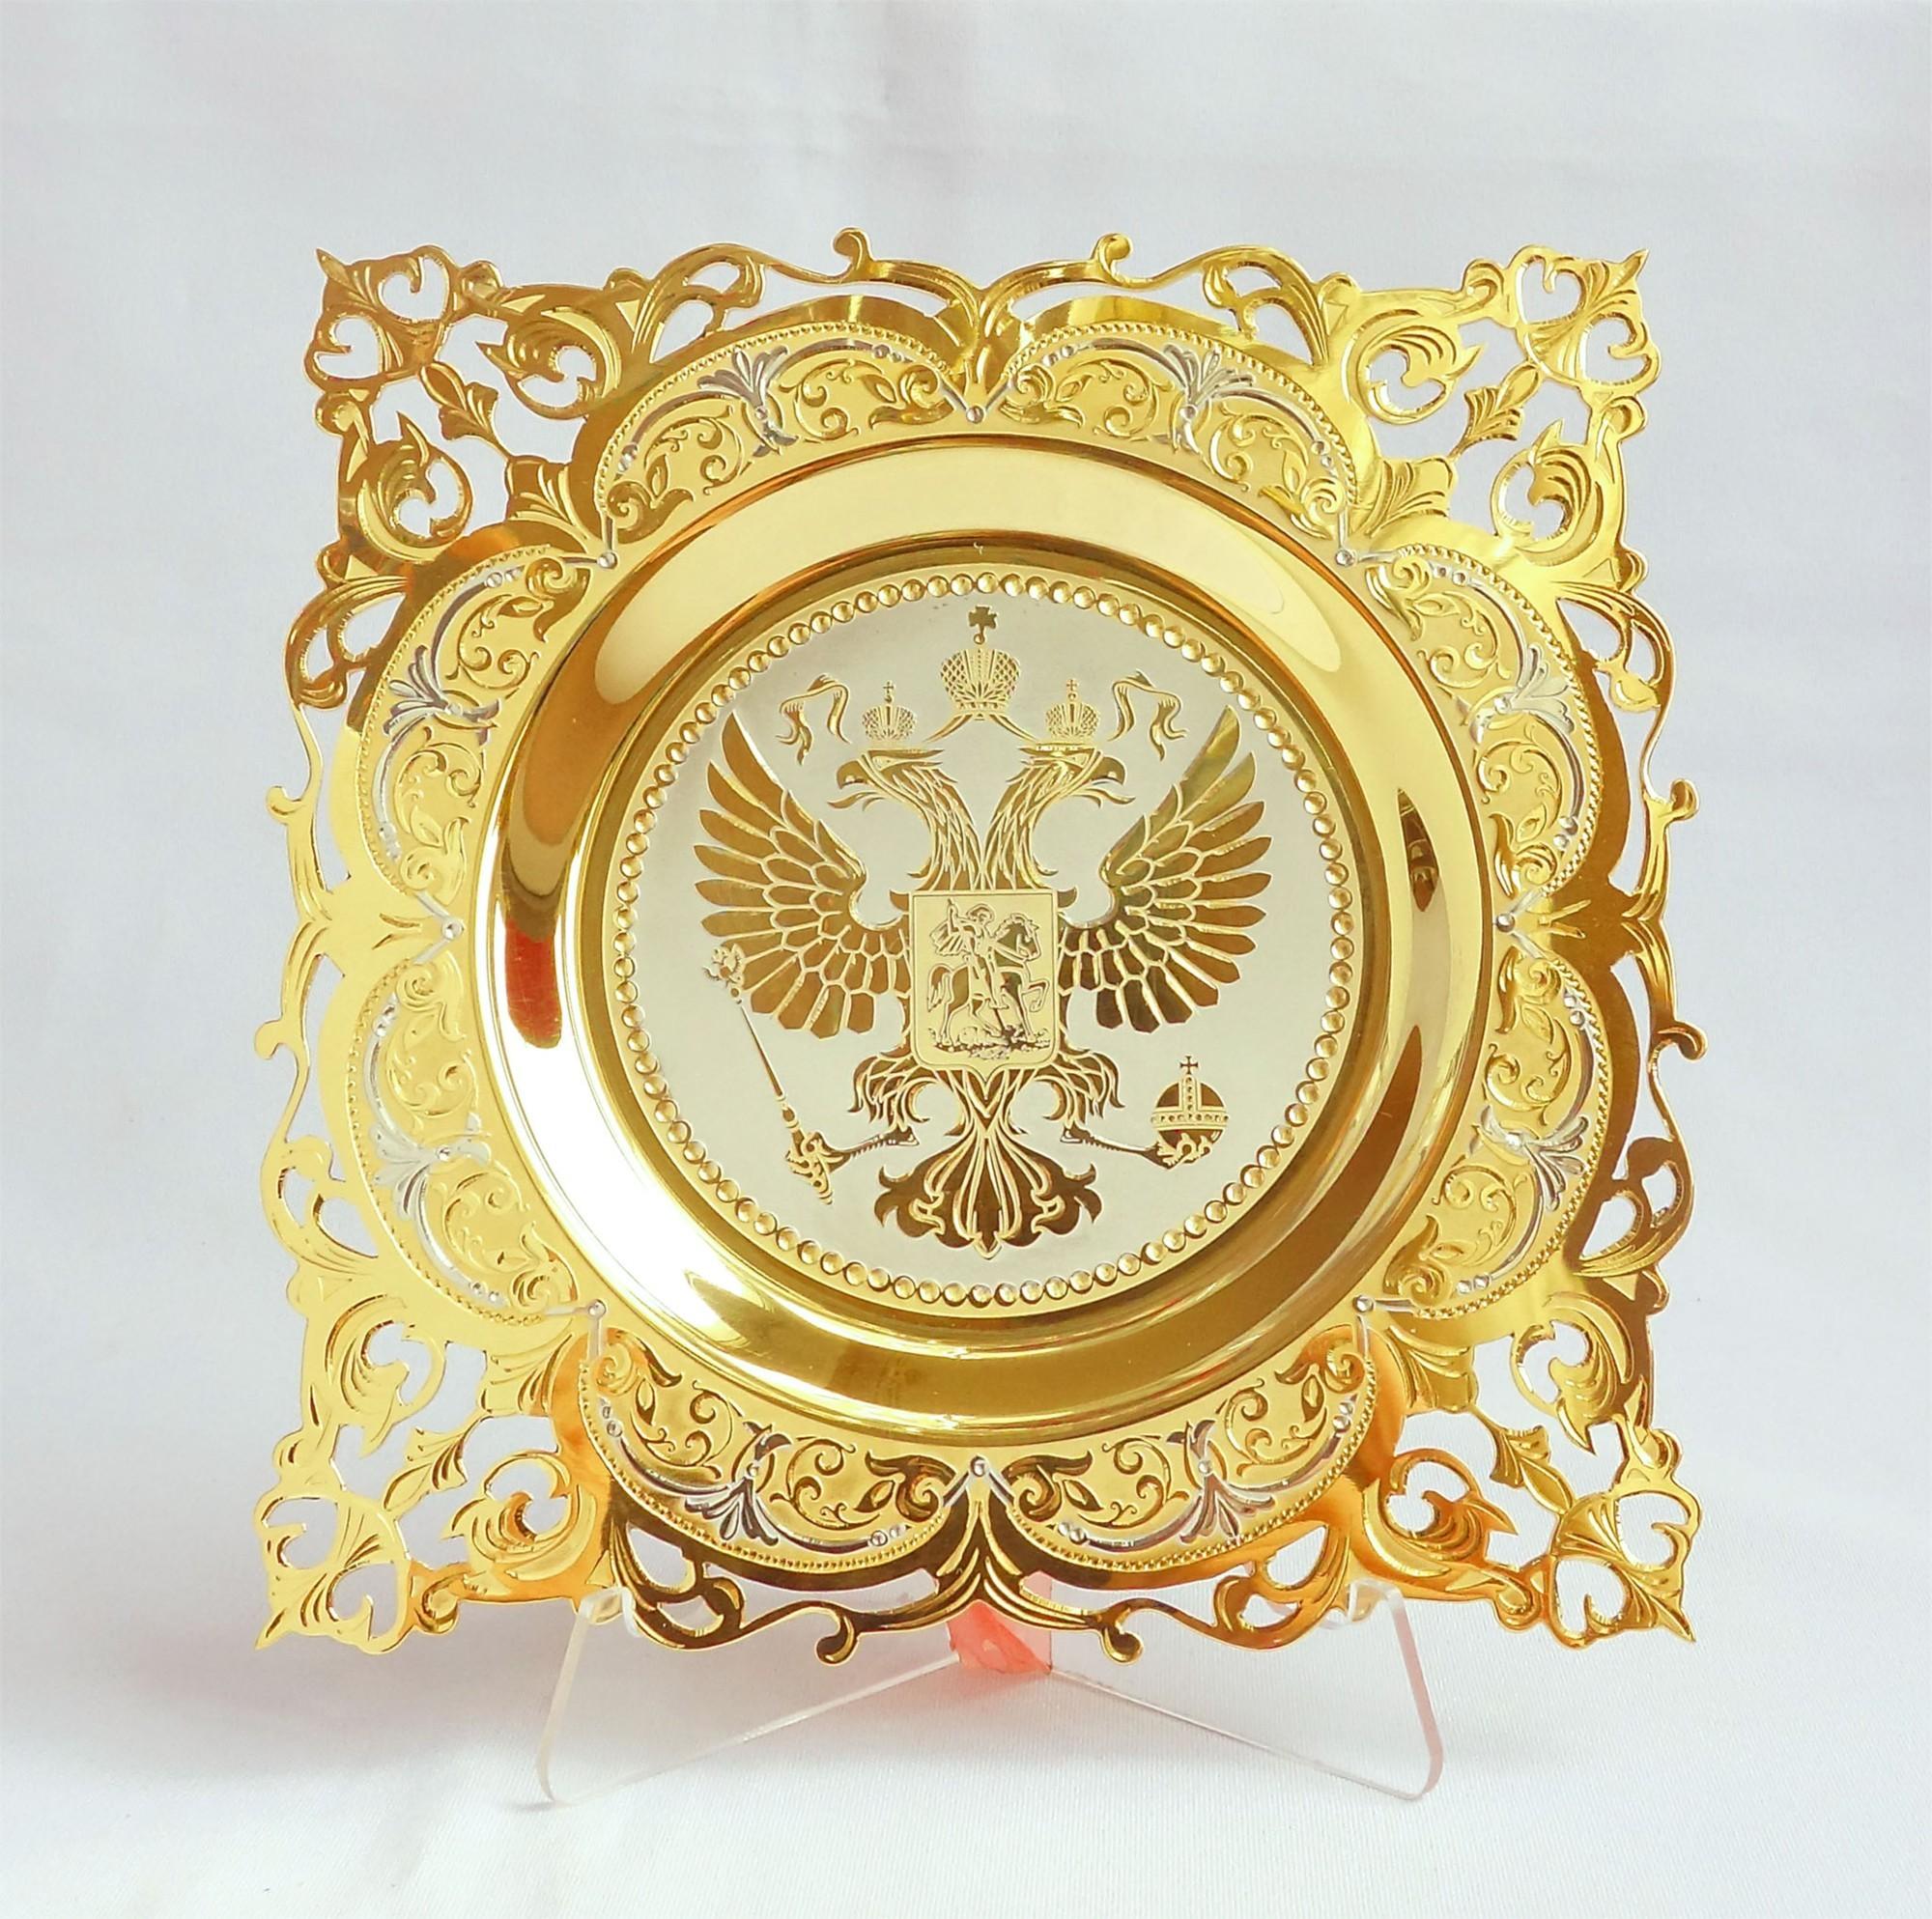 Сувенирная тарелка Гербовая